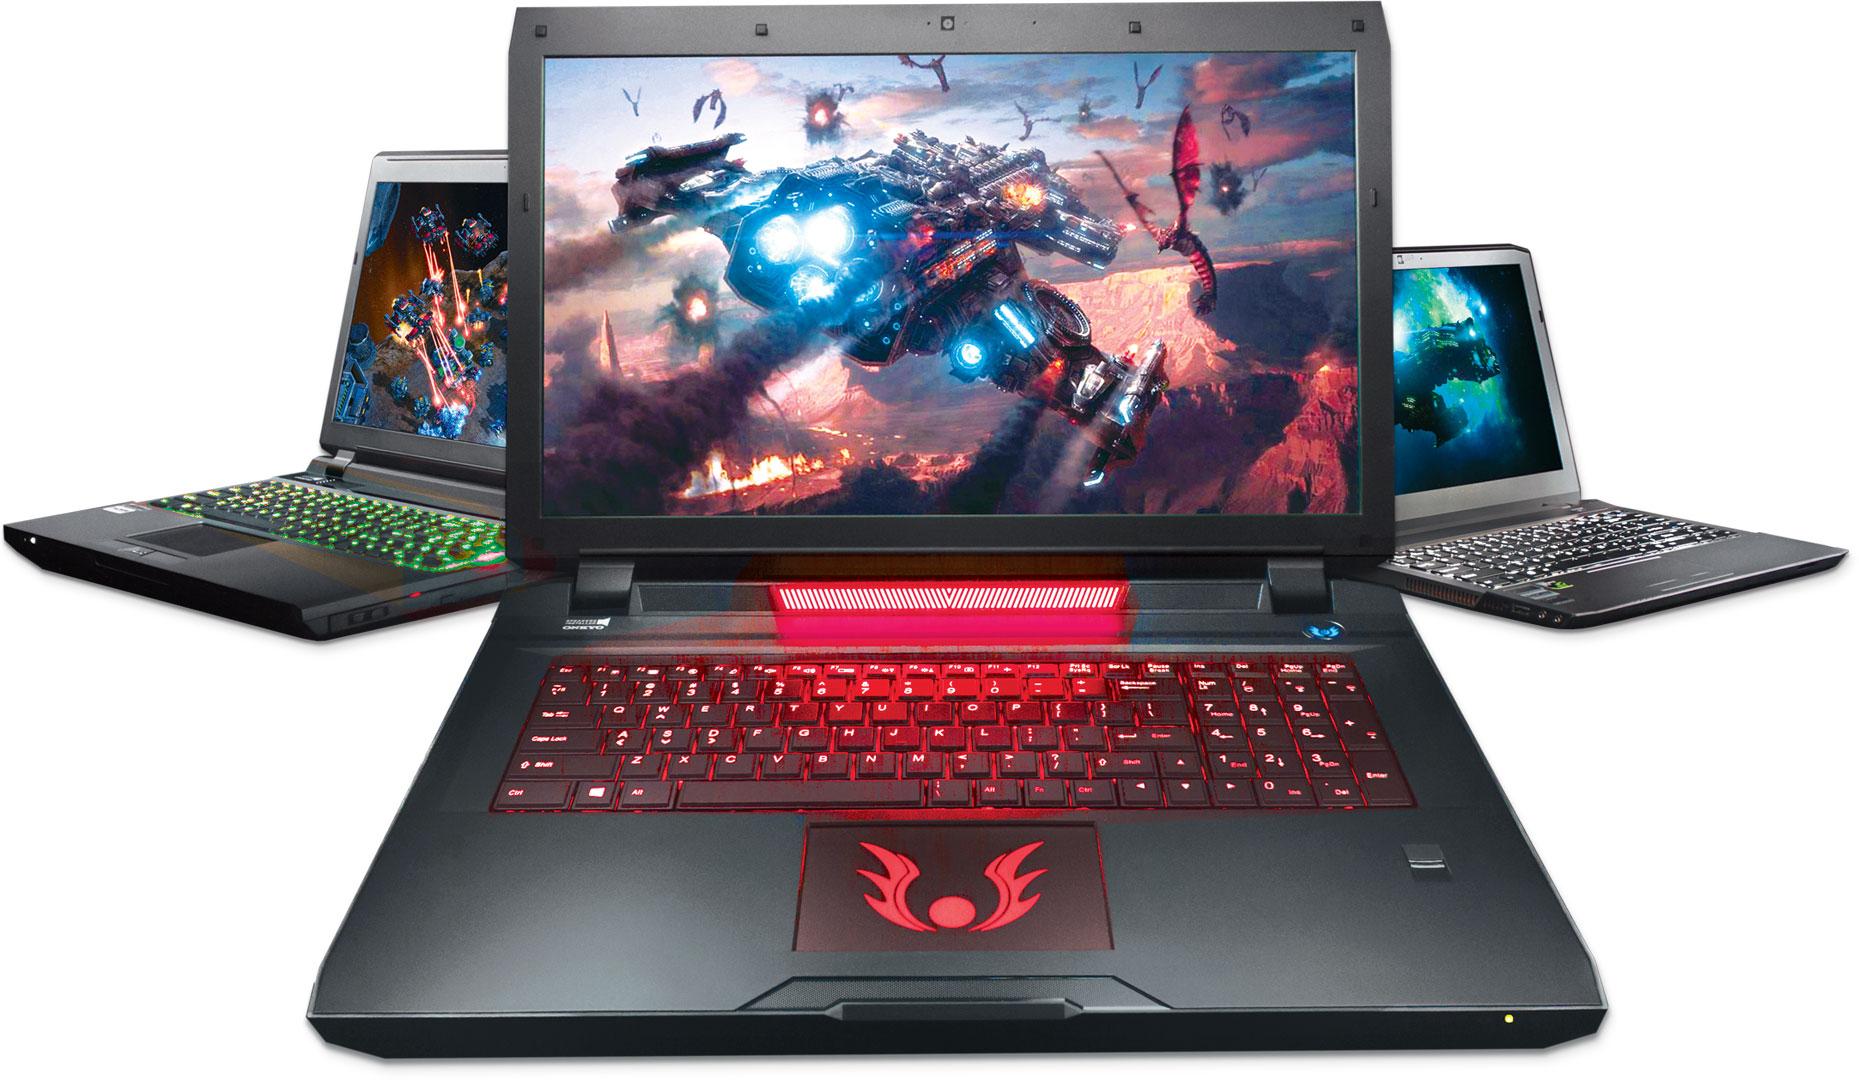 Tu ce tip de laptop preferi?